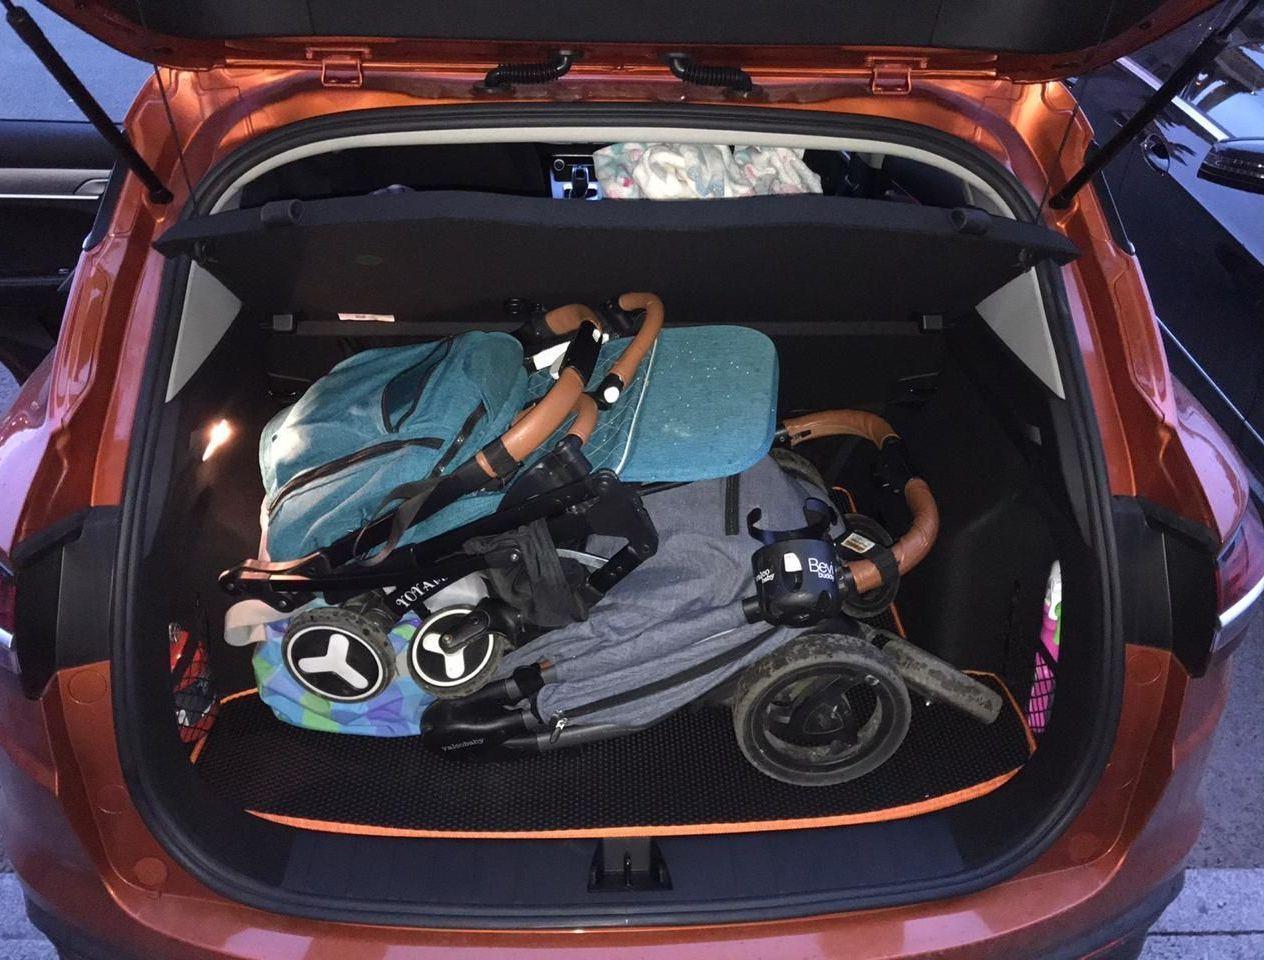 2 коляски и спортивная сумка в багажнике